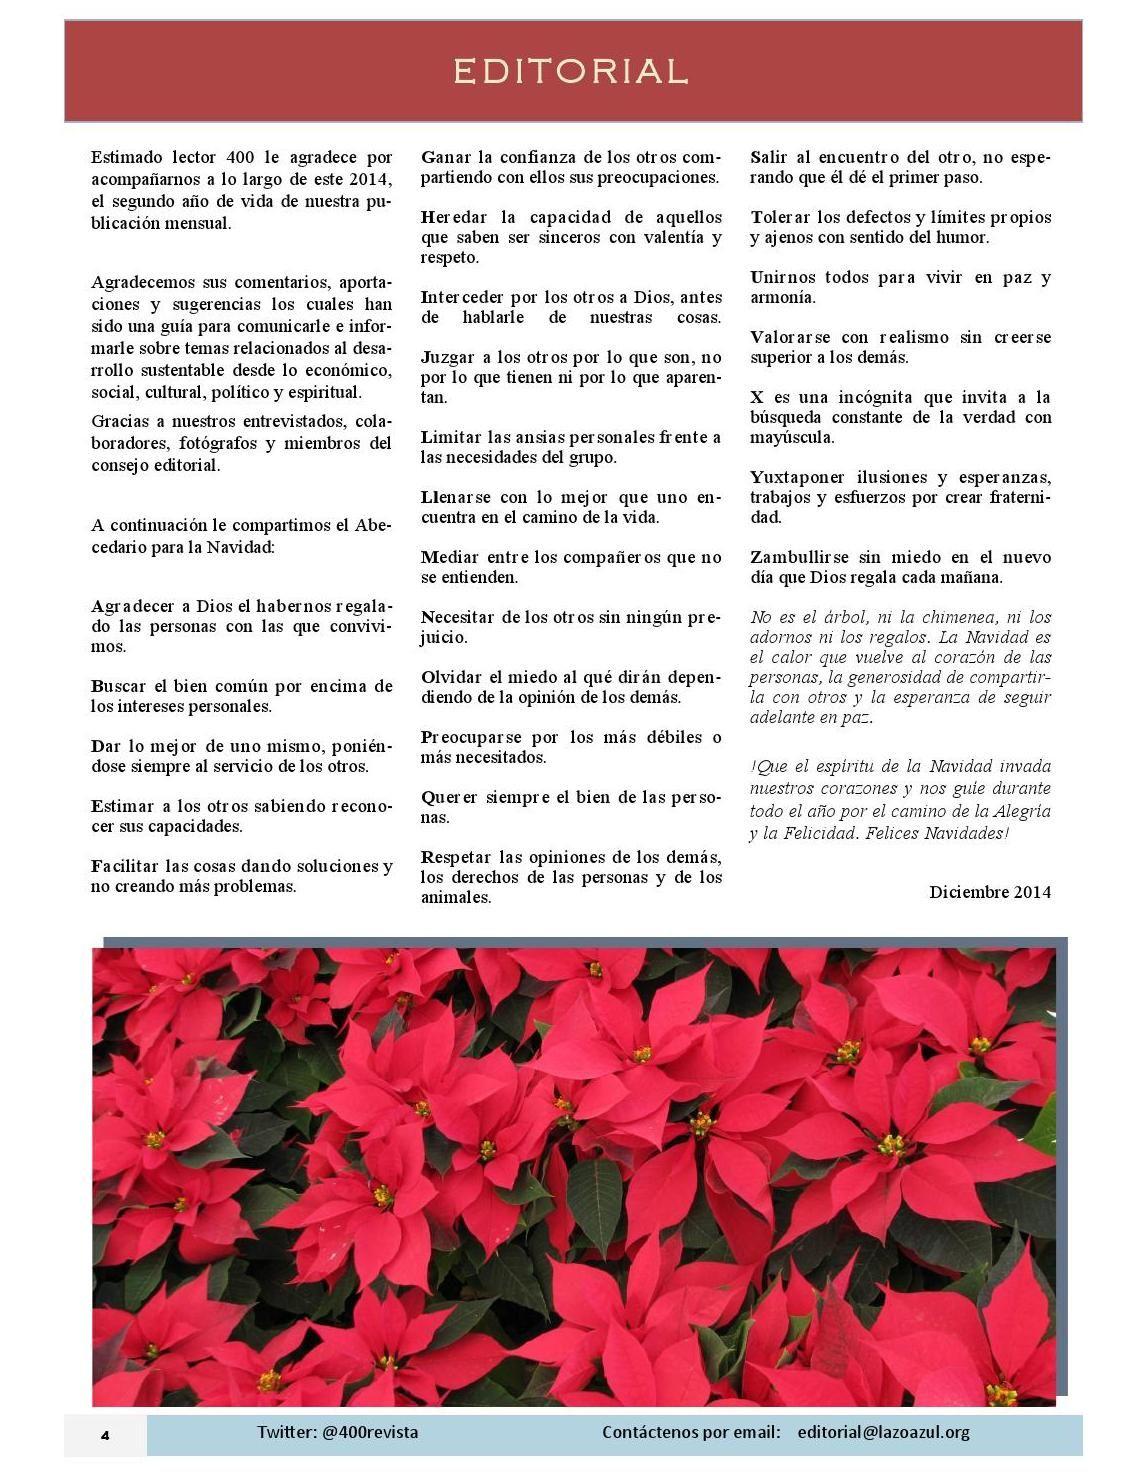 Editorial del número de Diciembre 2014 de la Revista 400 @400revista #DesarrolloSustentable Revista 400 publicación mensual digital